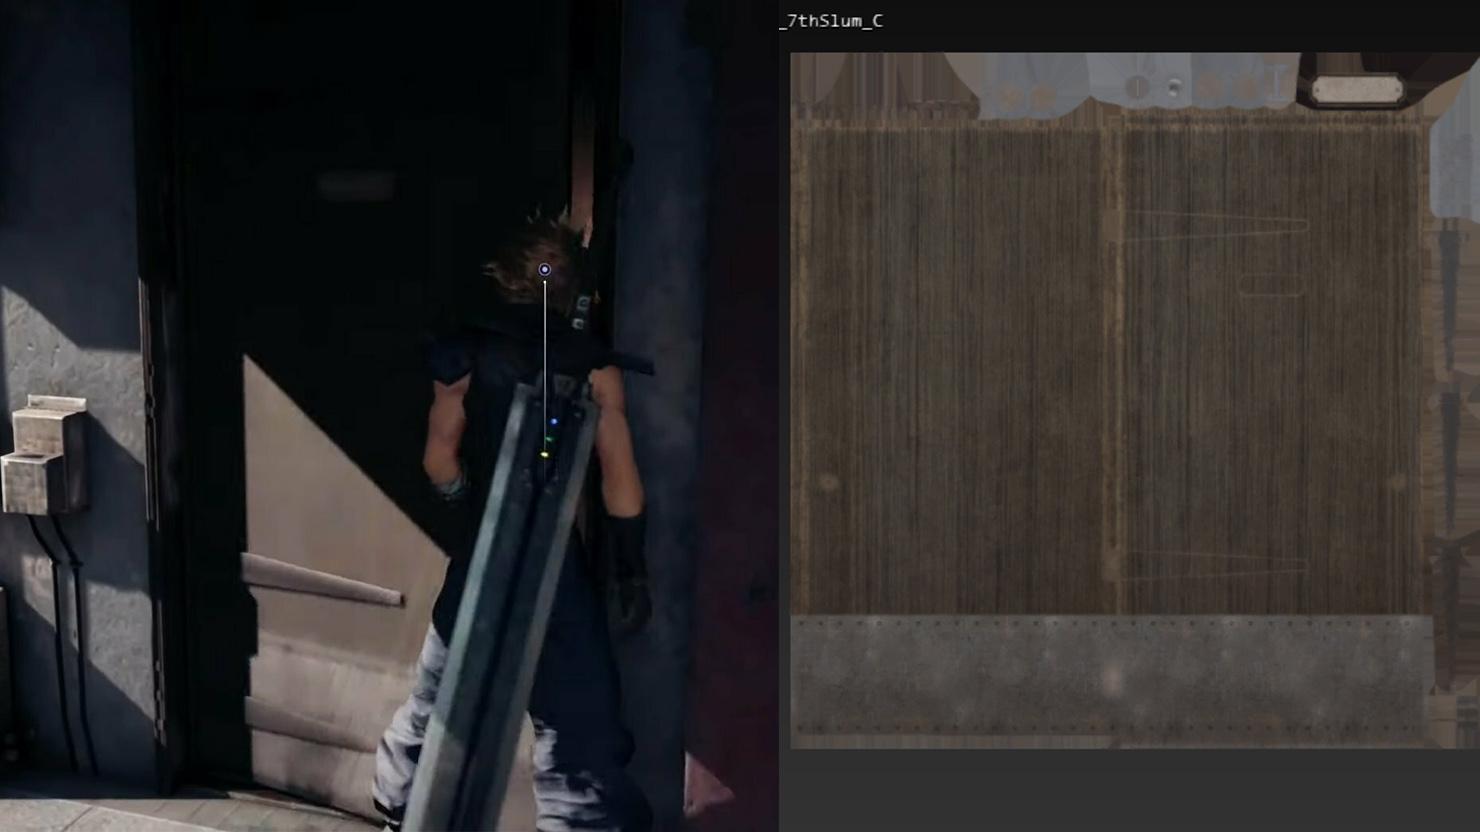 Всё-таки у Final Fantasy VII Remake есть HD-текстуры для всех важных объектов